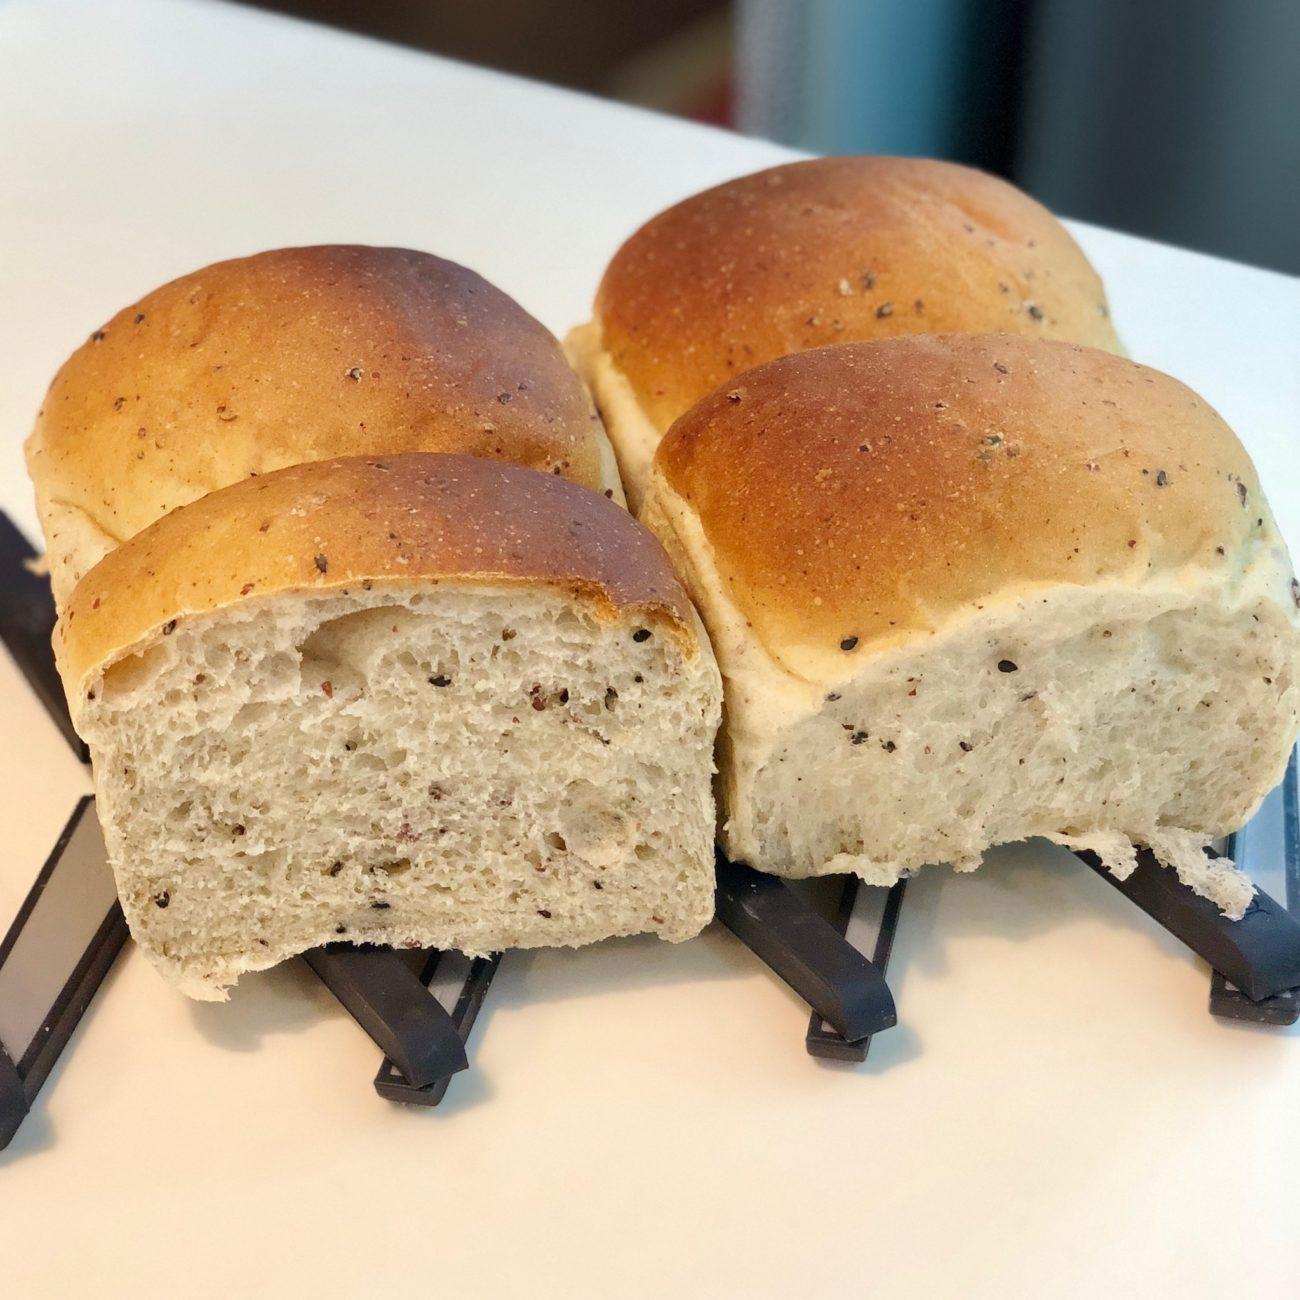 Super soft sourdough wholemeal bread